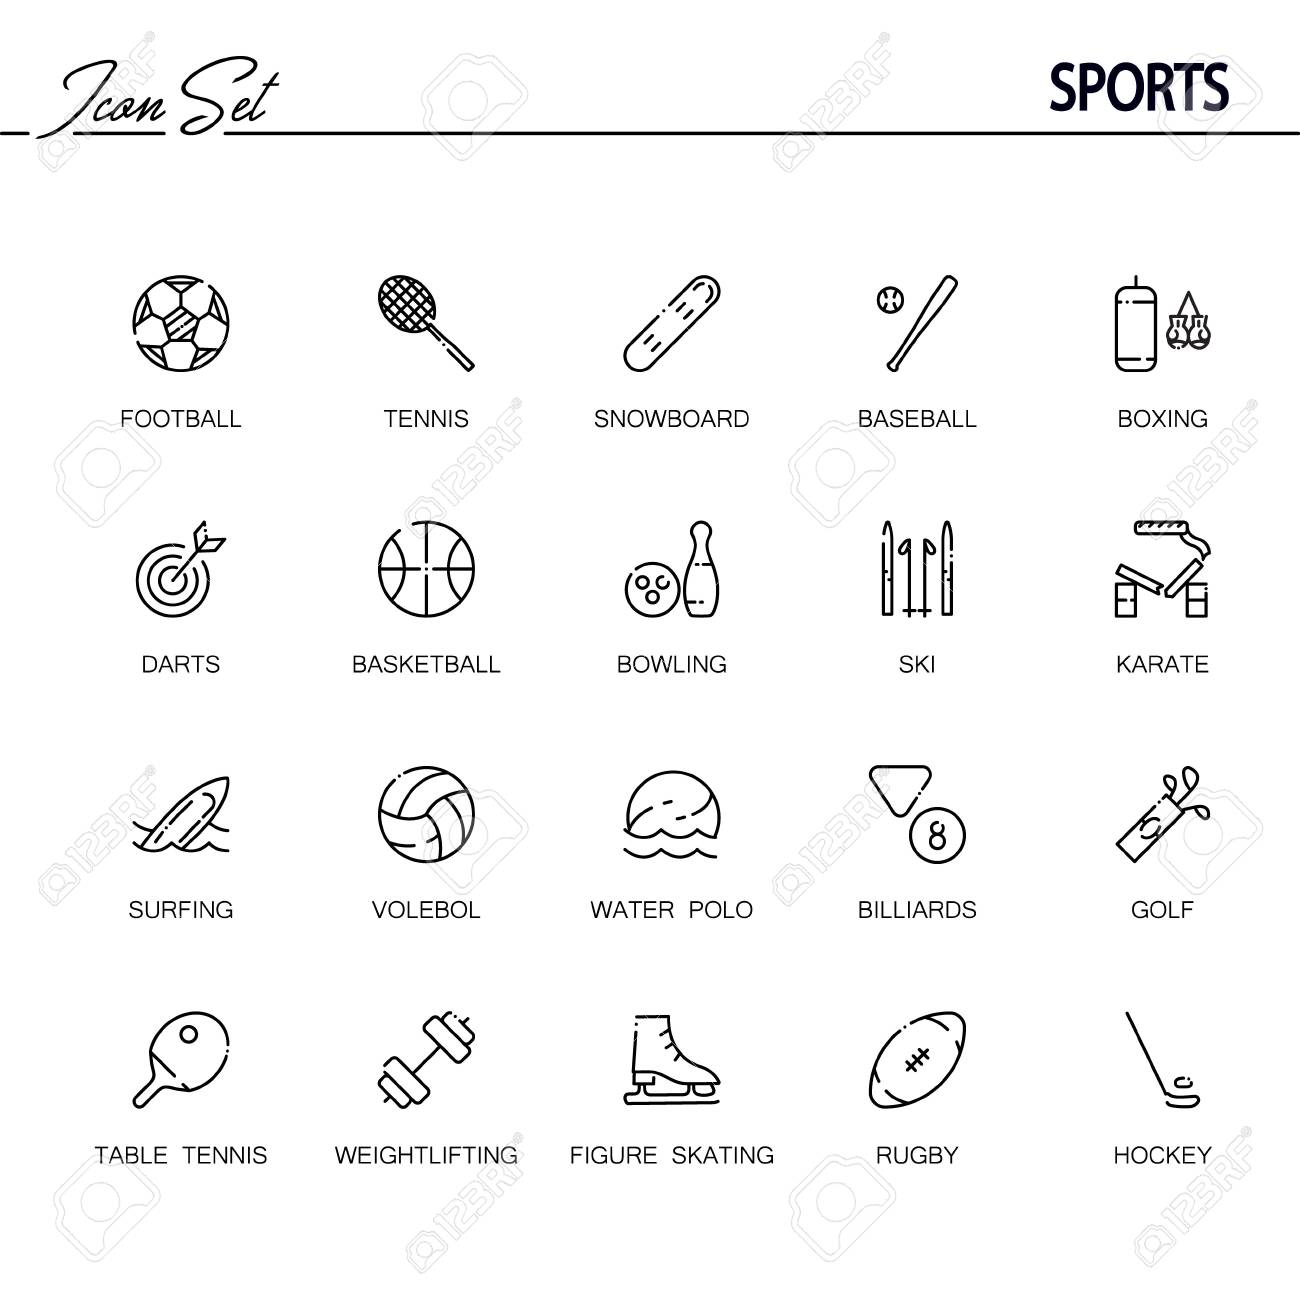 52fb1bd83 Conjunto De ícones Plana De Esportes. Coleção De 20 Símbolos De Contorno De  Alta Qualidade De Inventário De Esportes Para Web Design